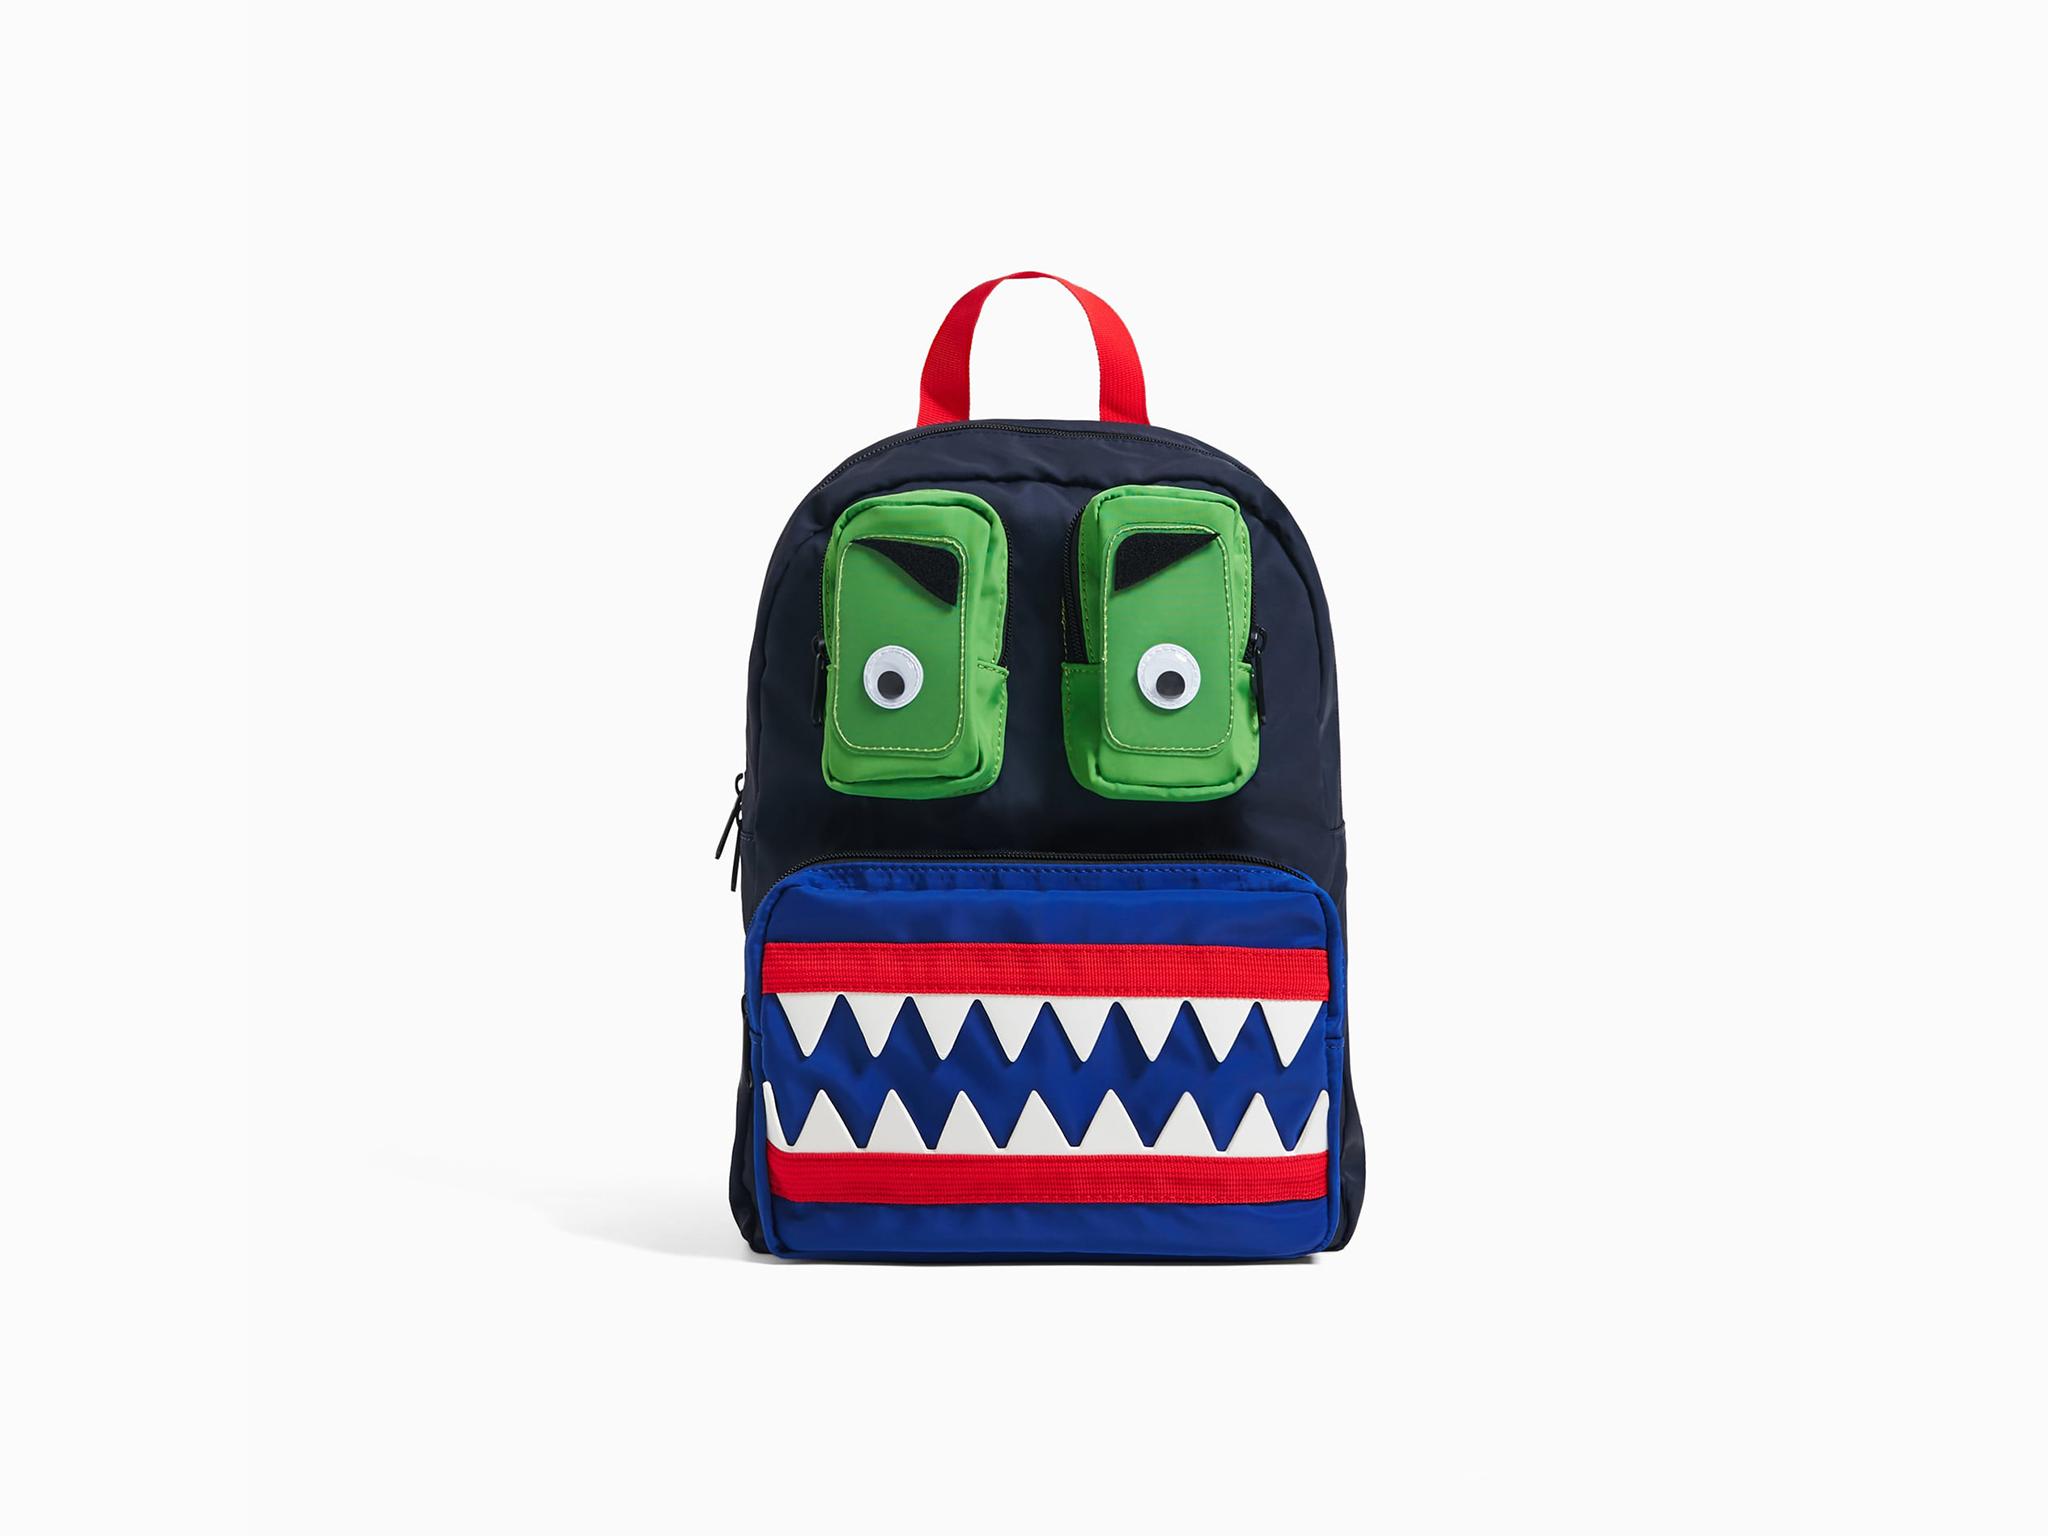 Volta às aulas nos EUA: lista de material inclui mochila